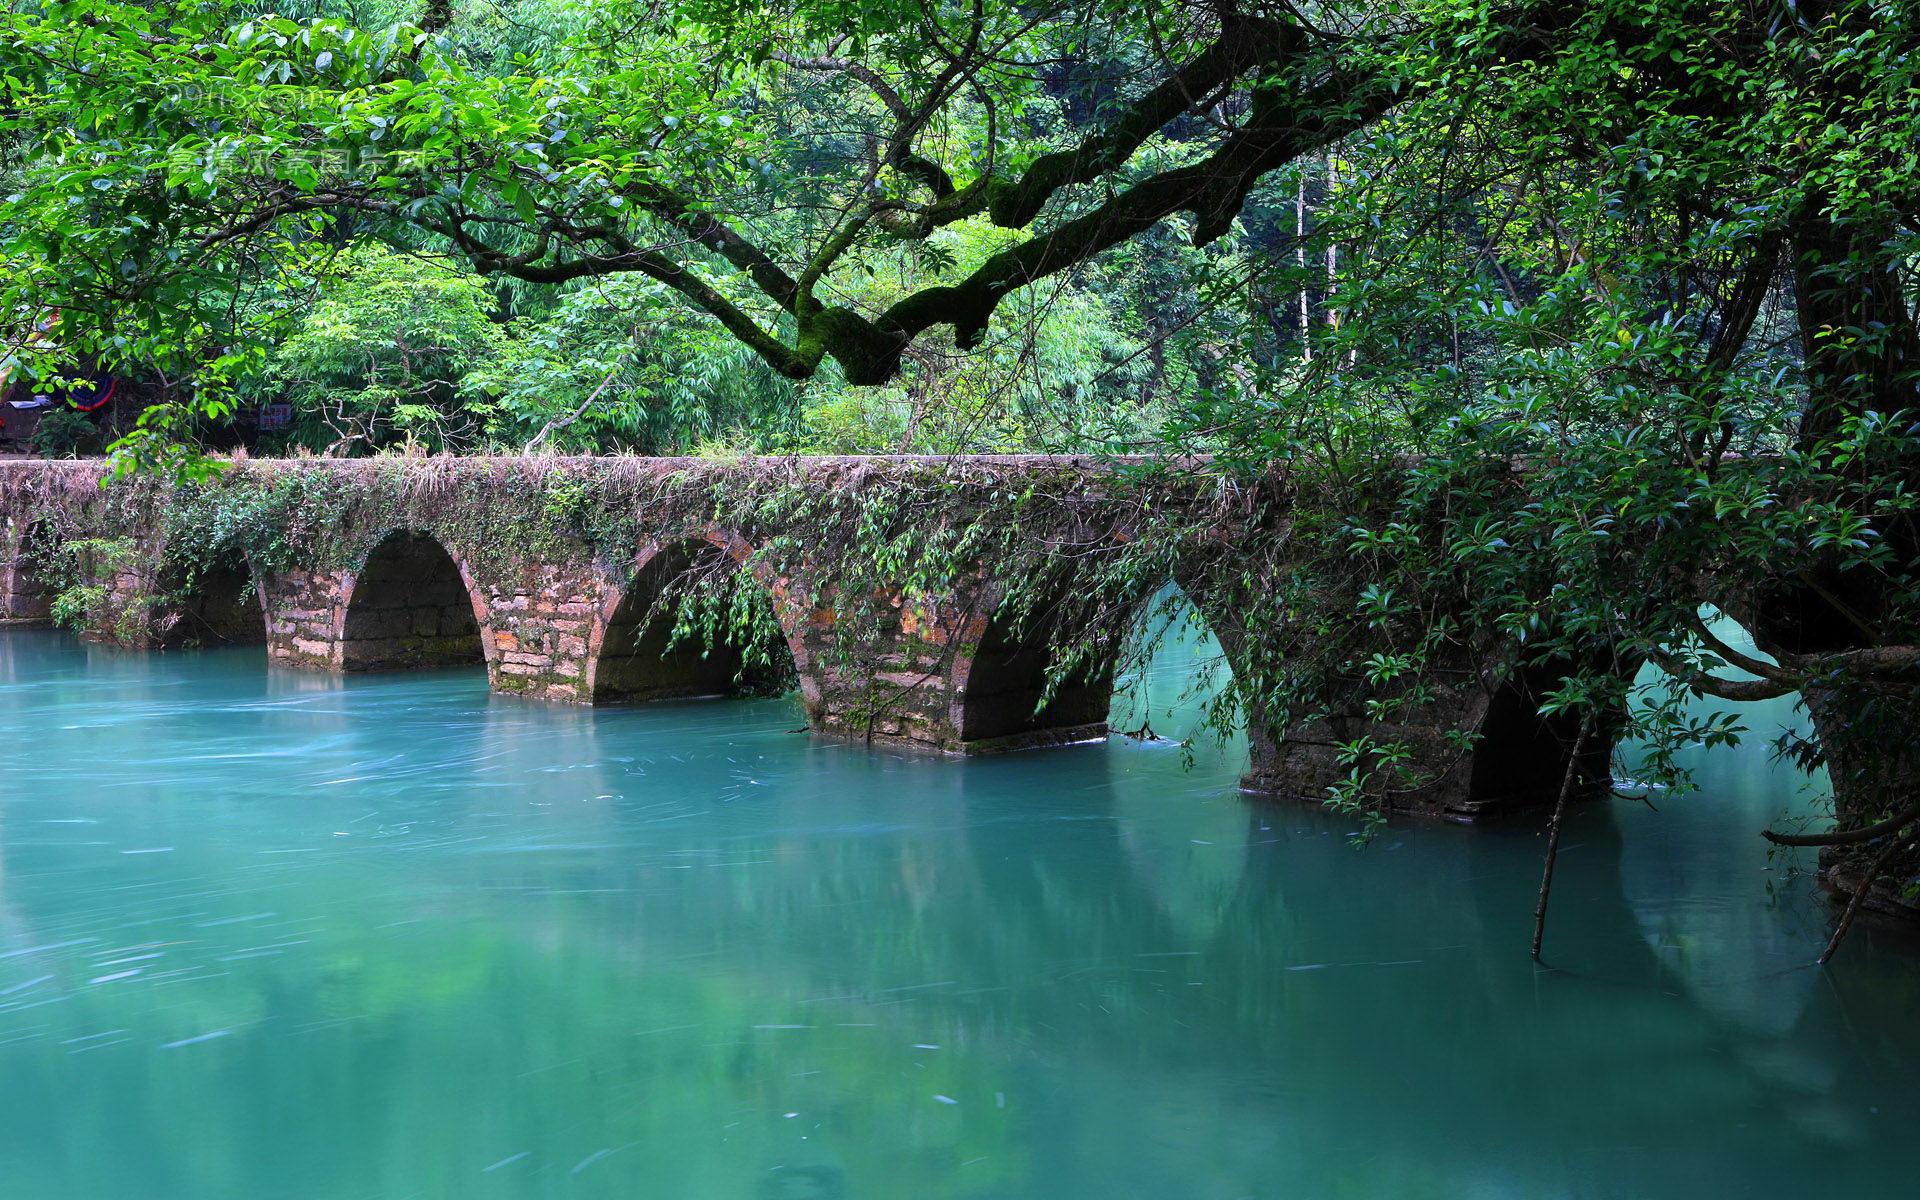 """早餐后从出发前往荔波小七孔,中餐后开始游览小七孔(游览约3小时)。乘坐景区电瓶车(40元/人,已含此费用)进小七孔景区,有著名的小七孔古桥;秀丽的68级响水河瀑布、拉雅瀑布,景点一派原始野趣;响水河层层叠叠的落差流,湍急而下,景观奇丽。峡谷内,水声隆隆,白瀑狂奔,令人目不暇接,瀑布群中,树、石、水组成的不同景观。三公里长的河段上,共有68级瀑布,落差达400多米,犹如画的长廊。更有景区的精华景点水上森林,让你体验""""湿足""""的无限乐趣,而且这里富含负氧离子,是旅游界公认的一个&ldqu"""